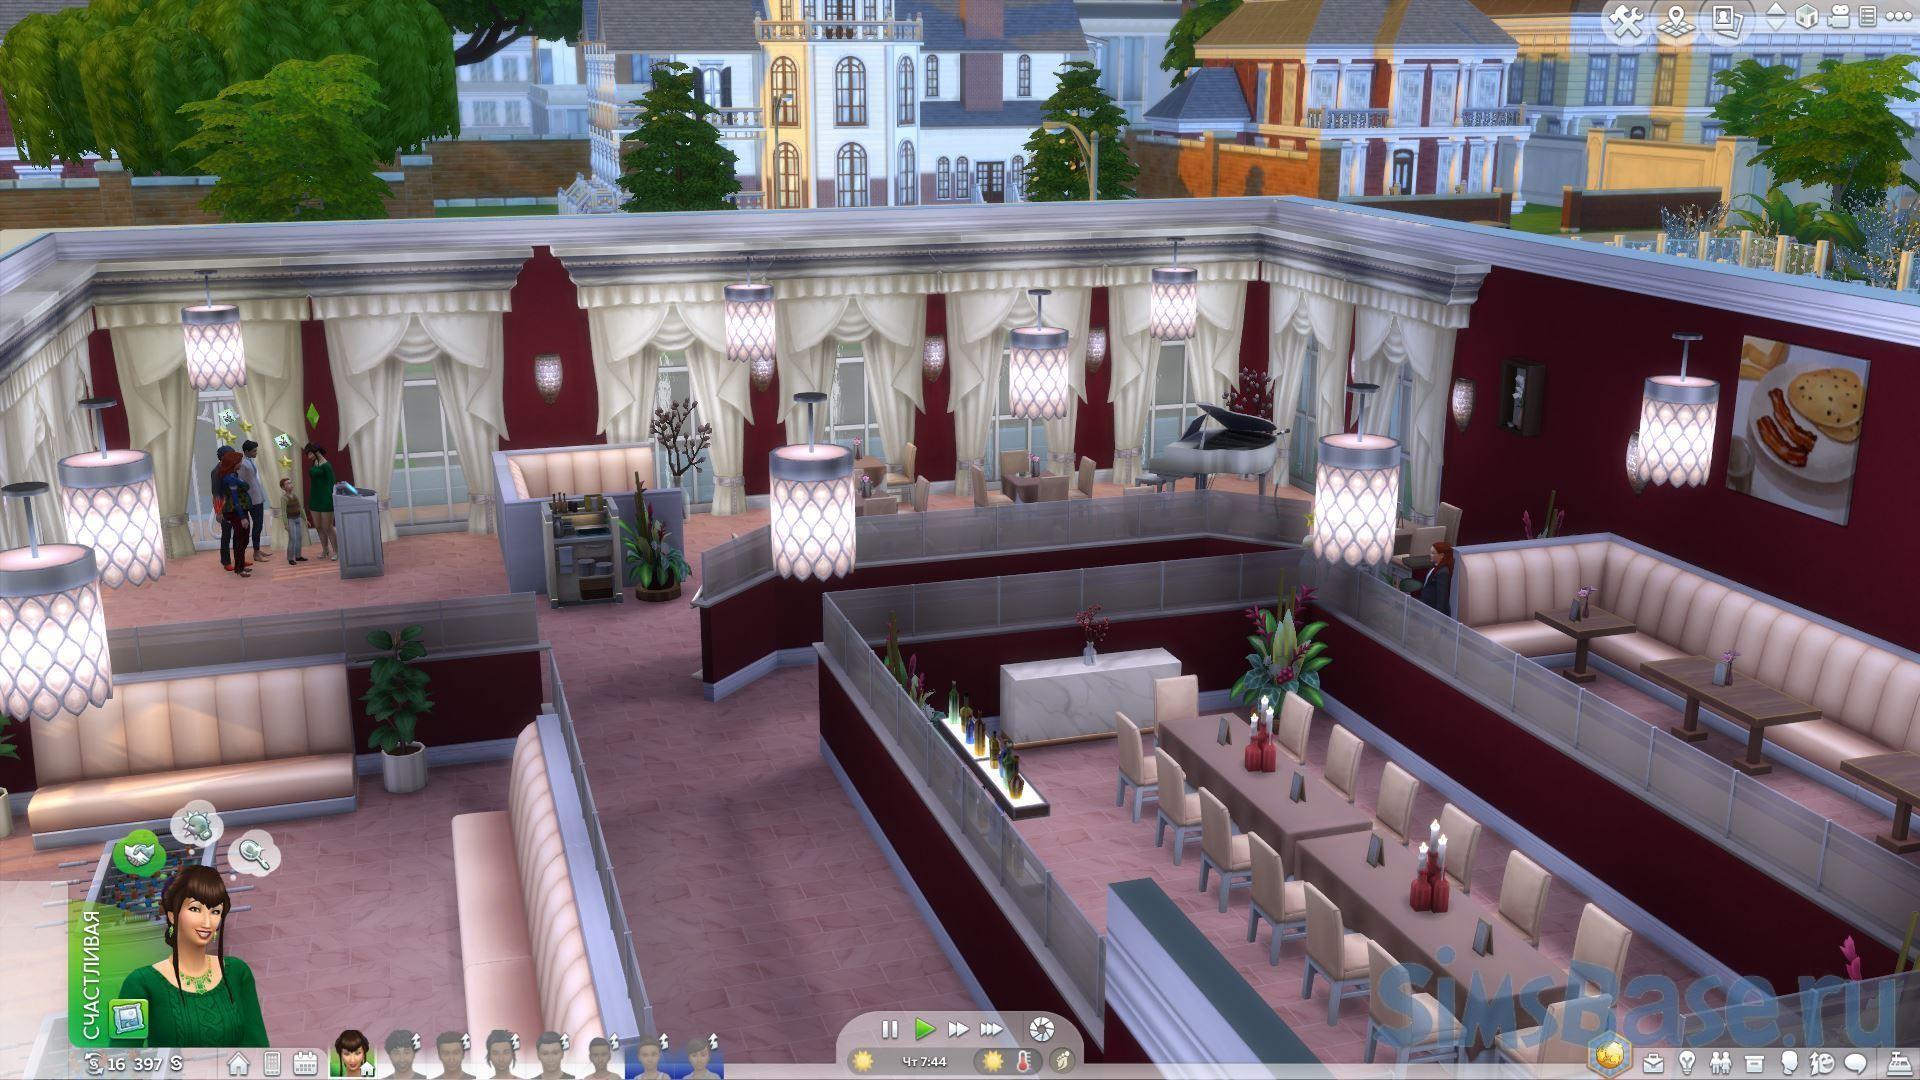 Руководство по управлению пятизвездочным рестораном Sims 4. Часть 1